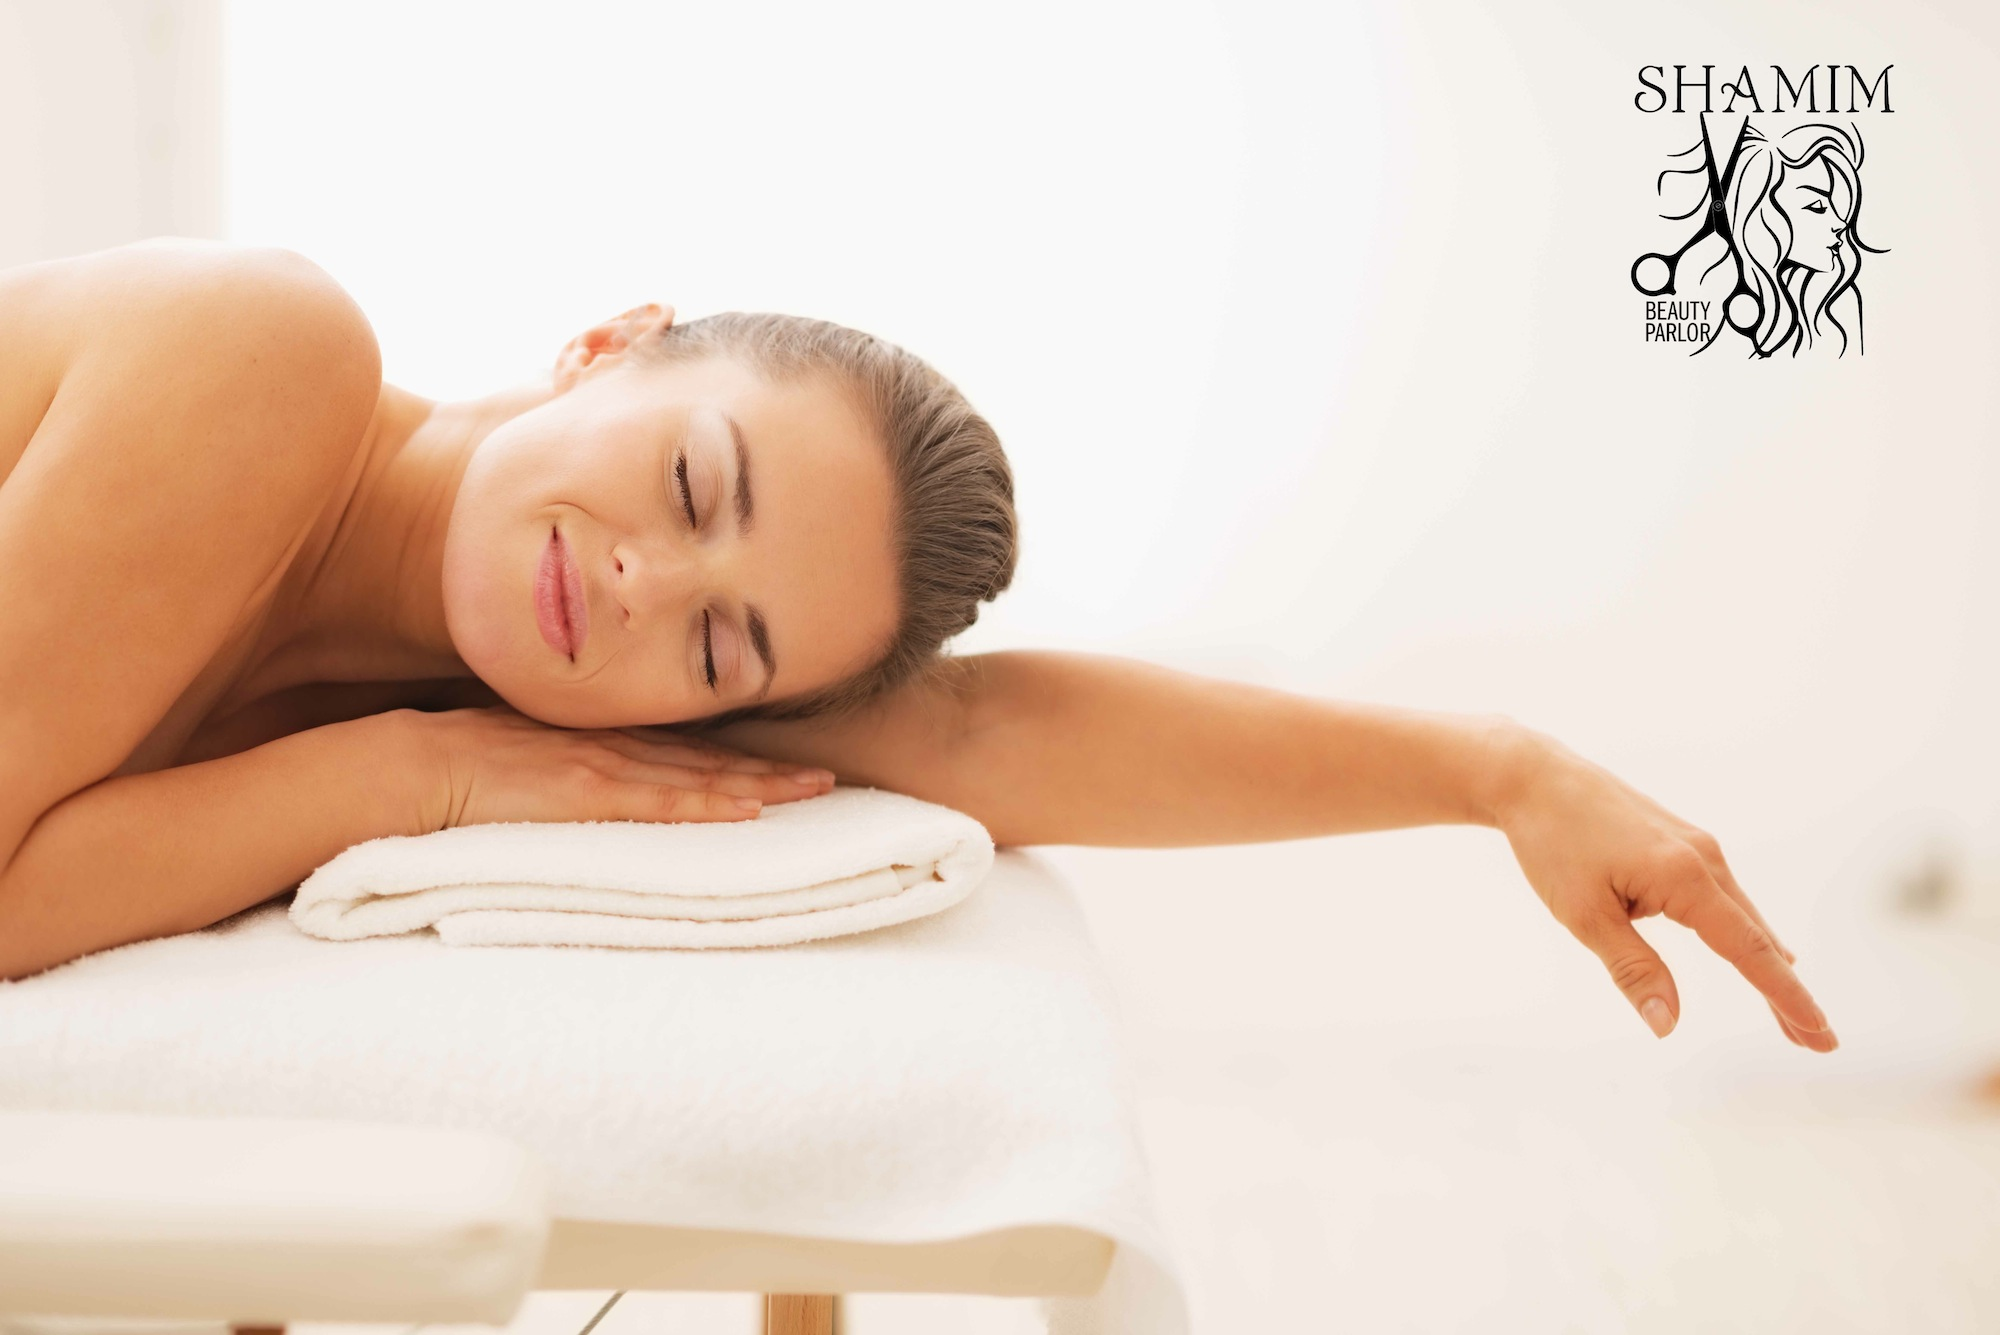 Shamim-Cary-Spa-Salon-Waxing-9